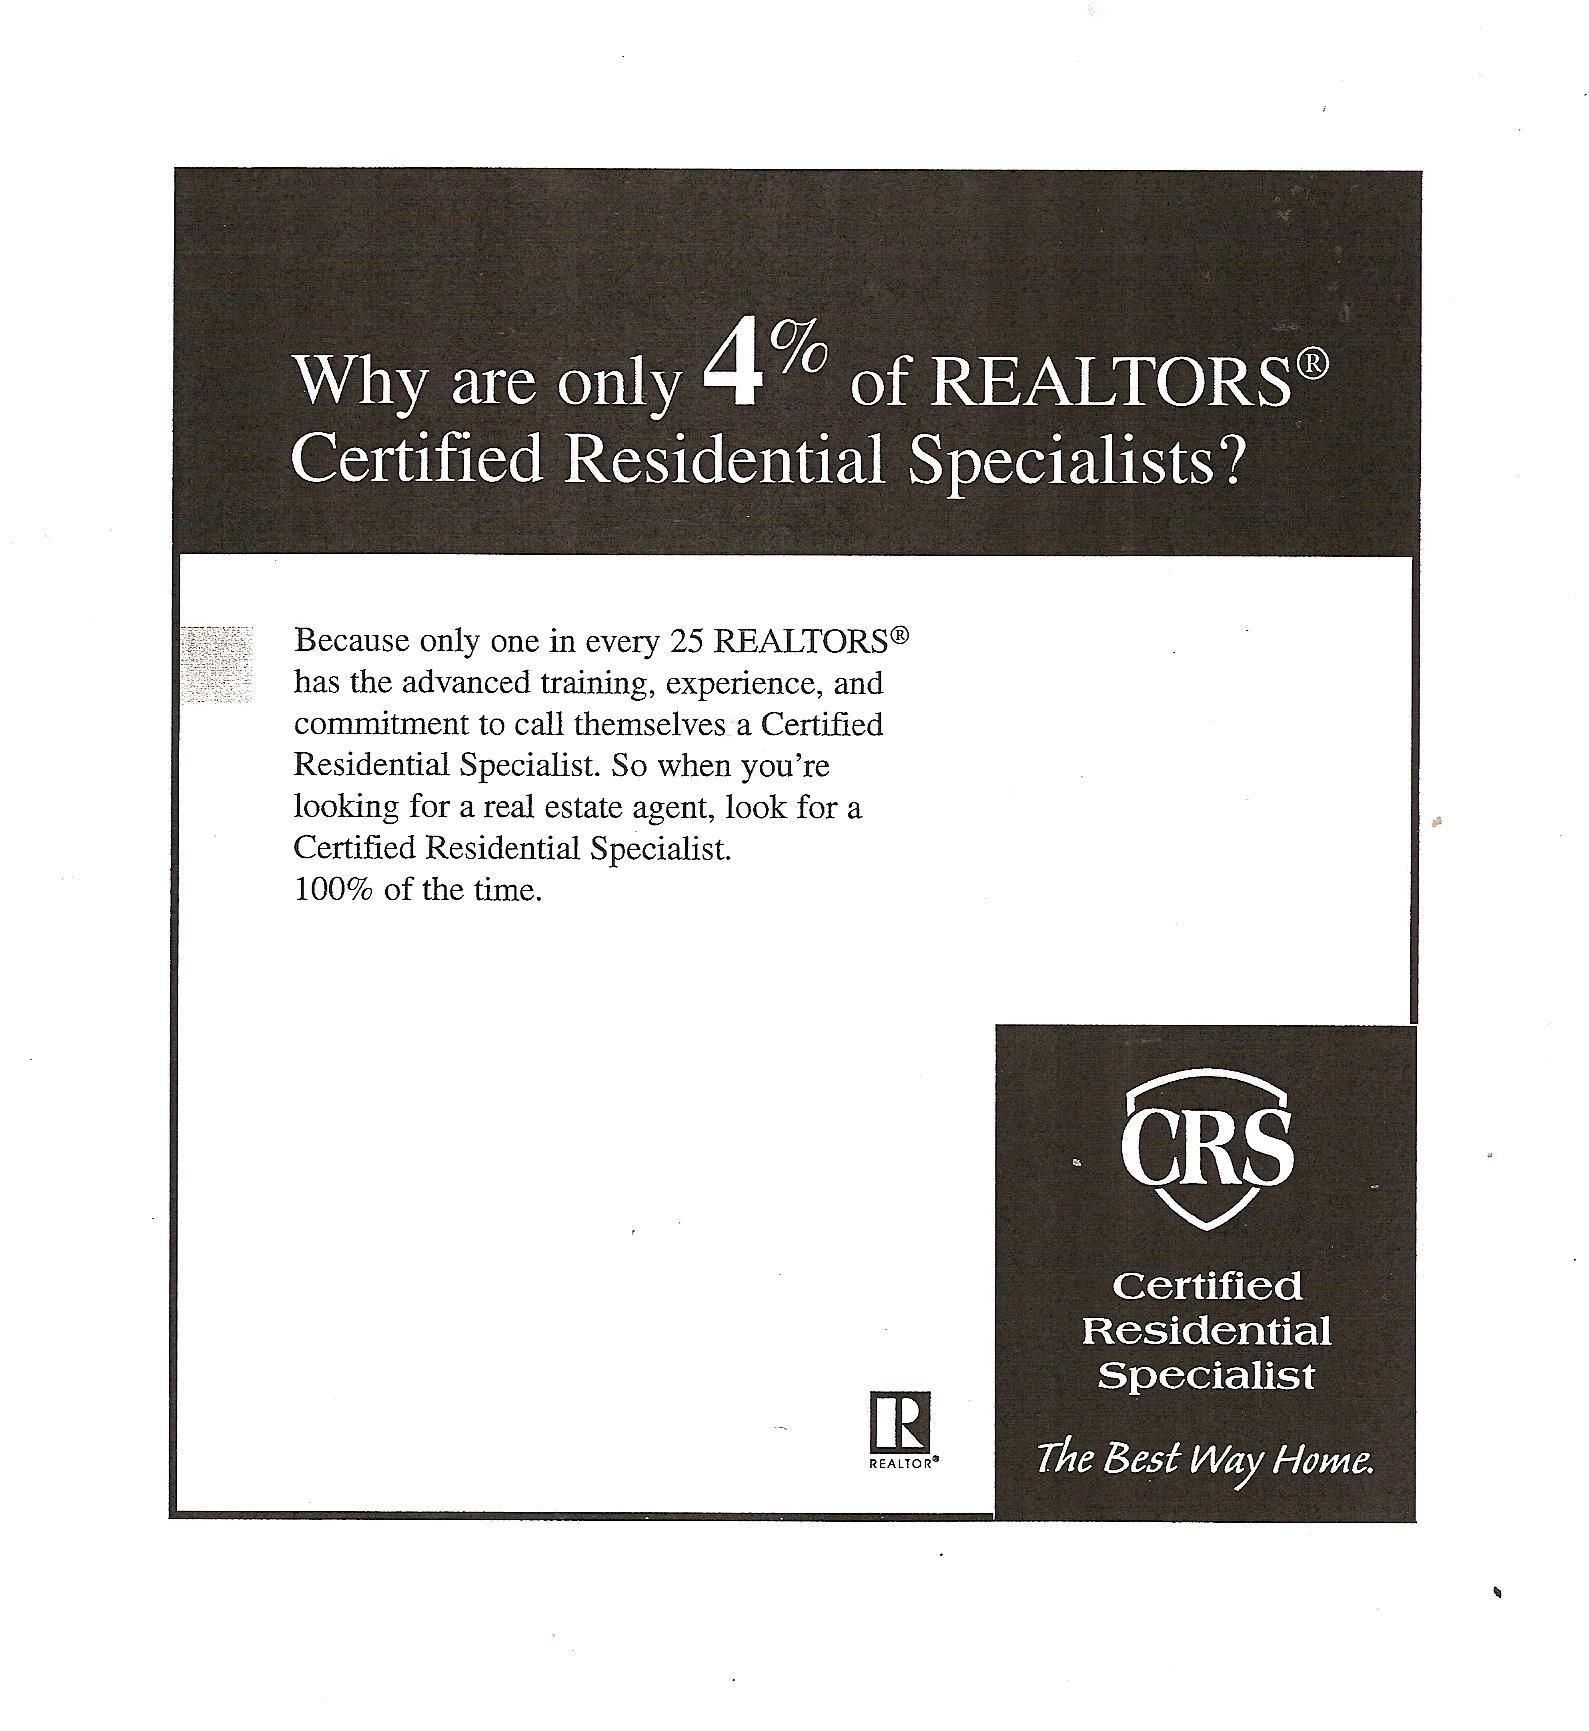 CRS2 recd04-25-14